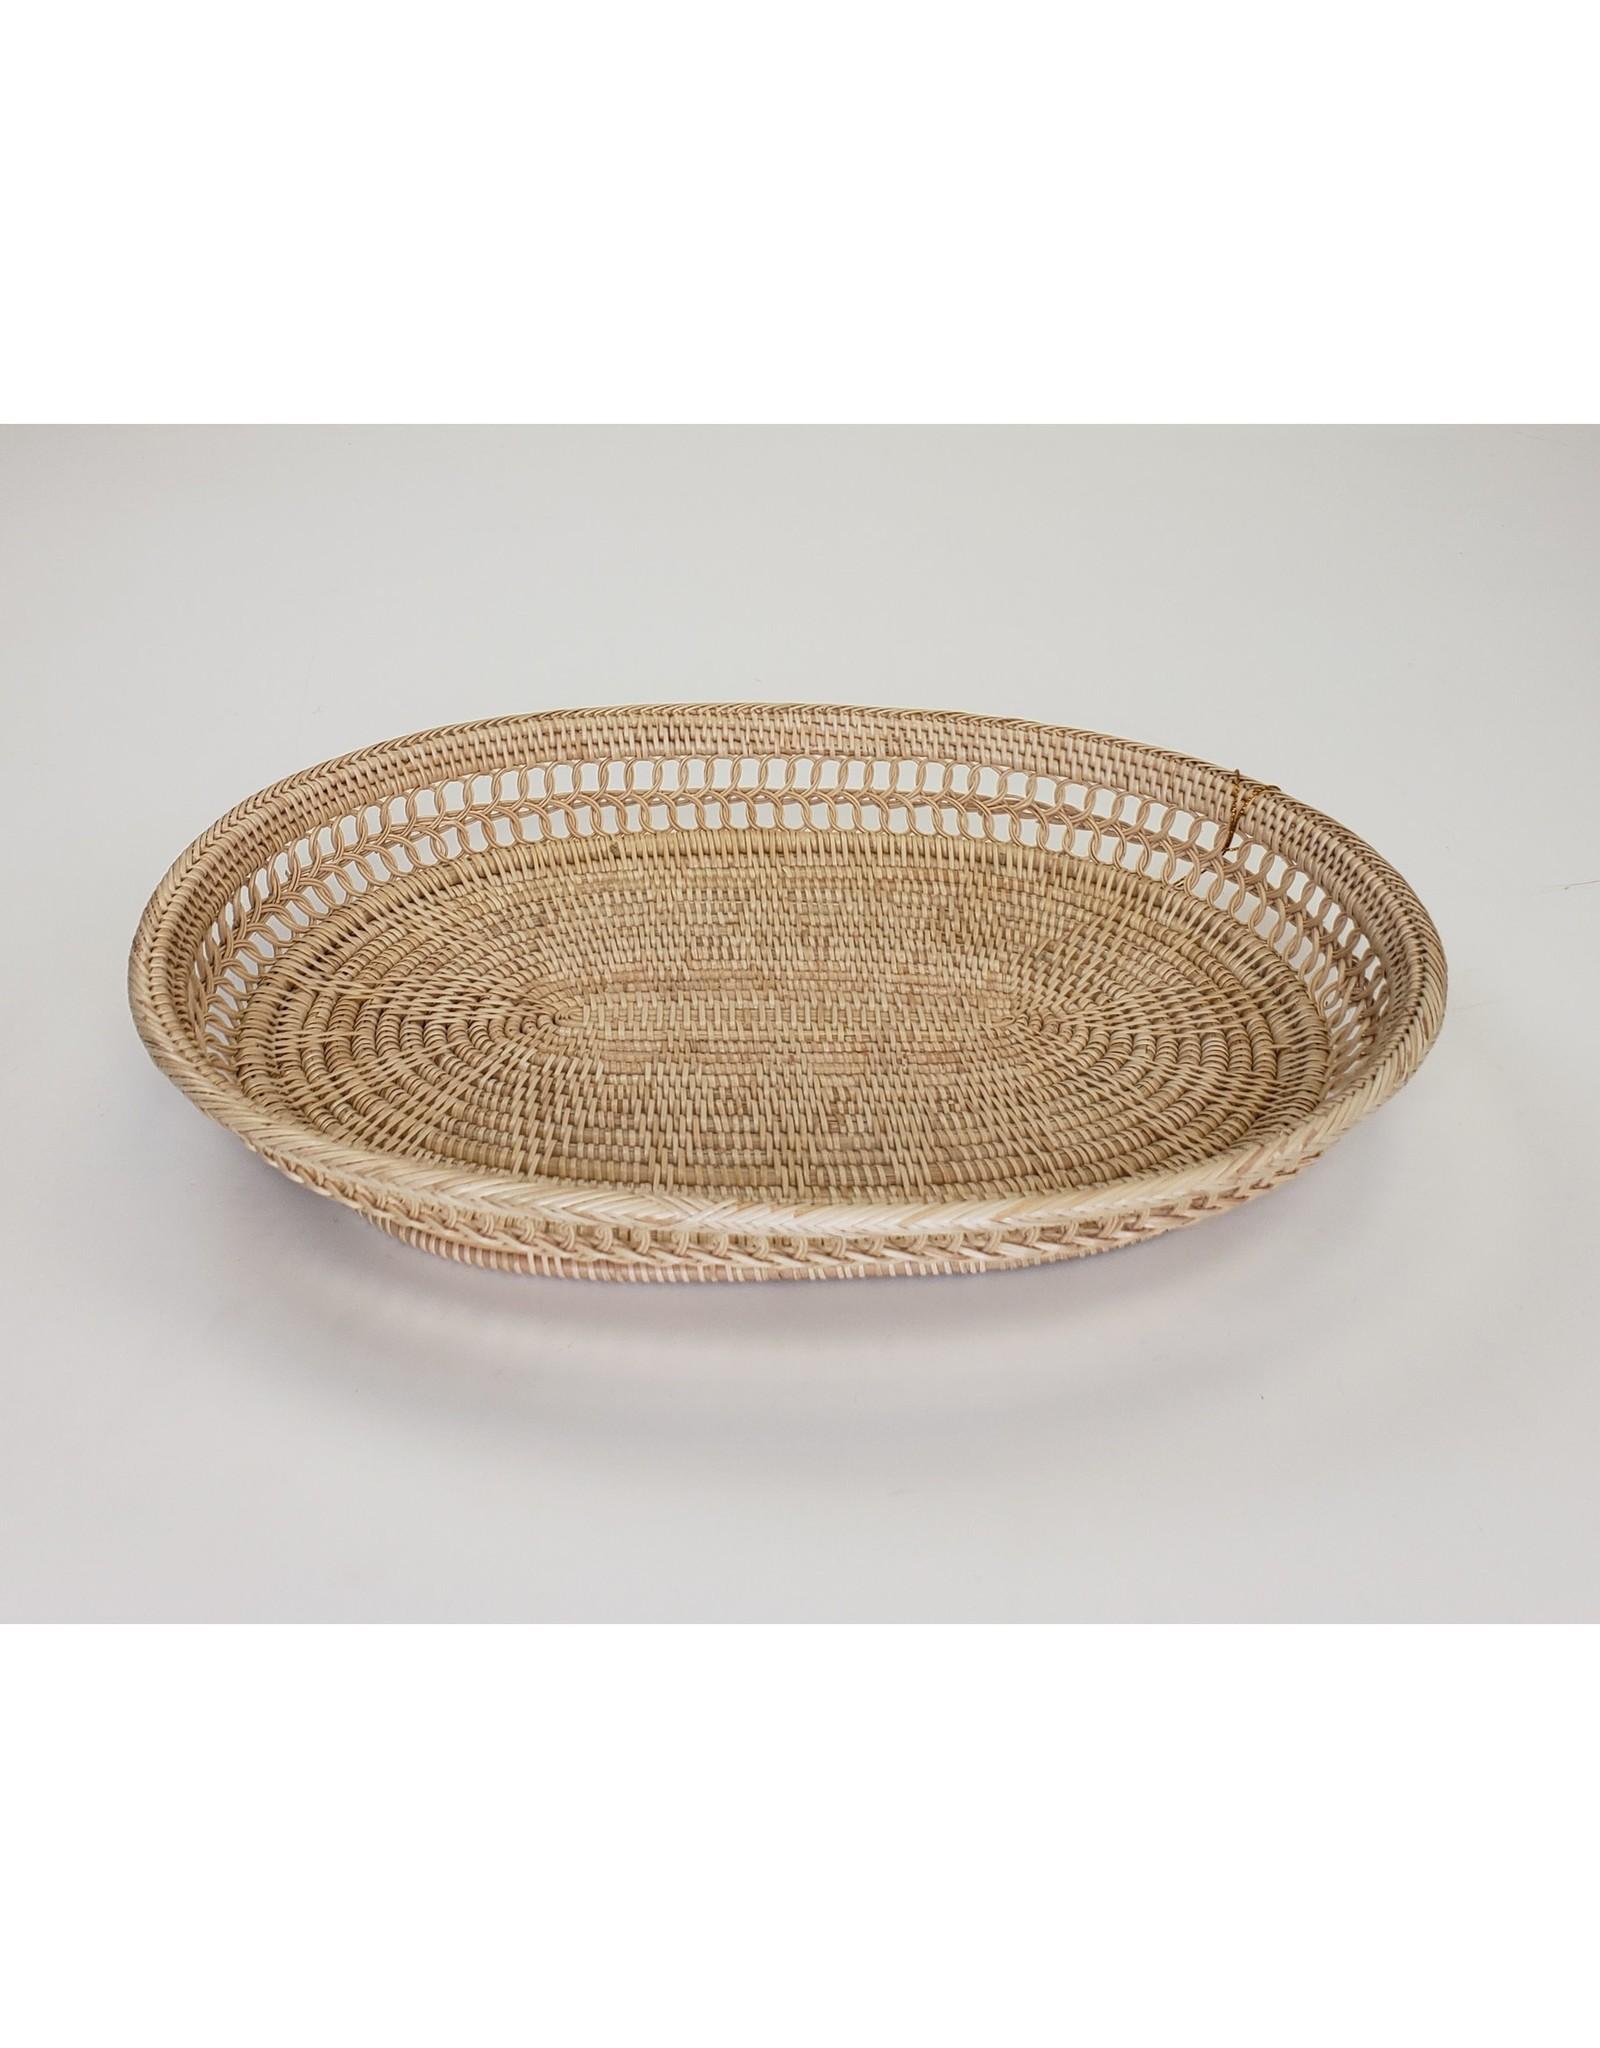 Handmade Decorative Oval Tray